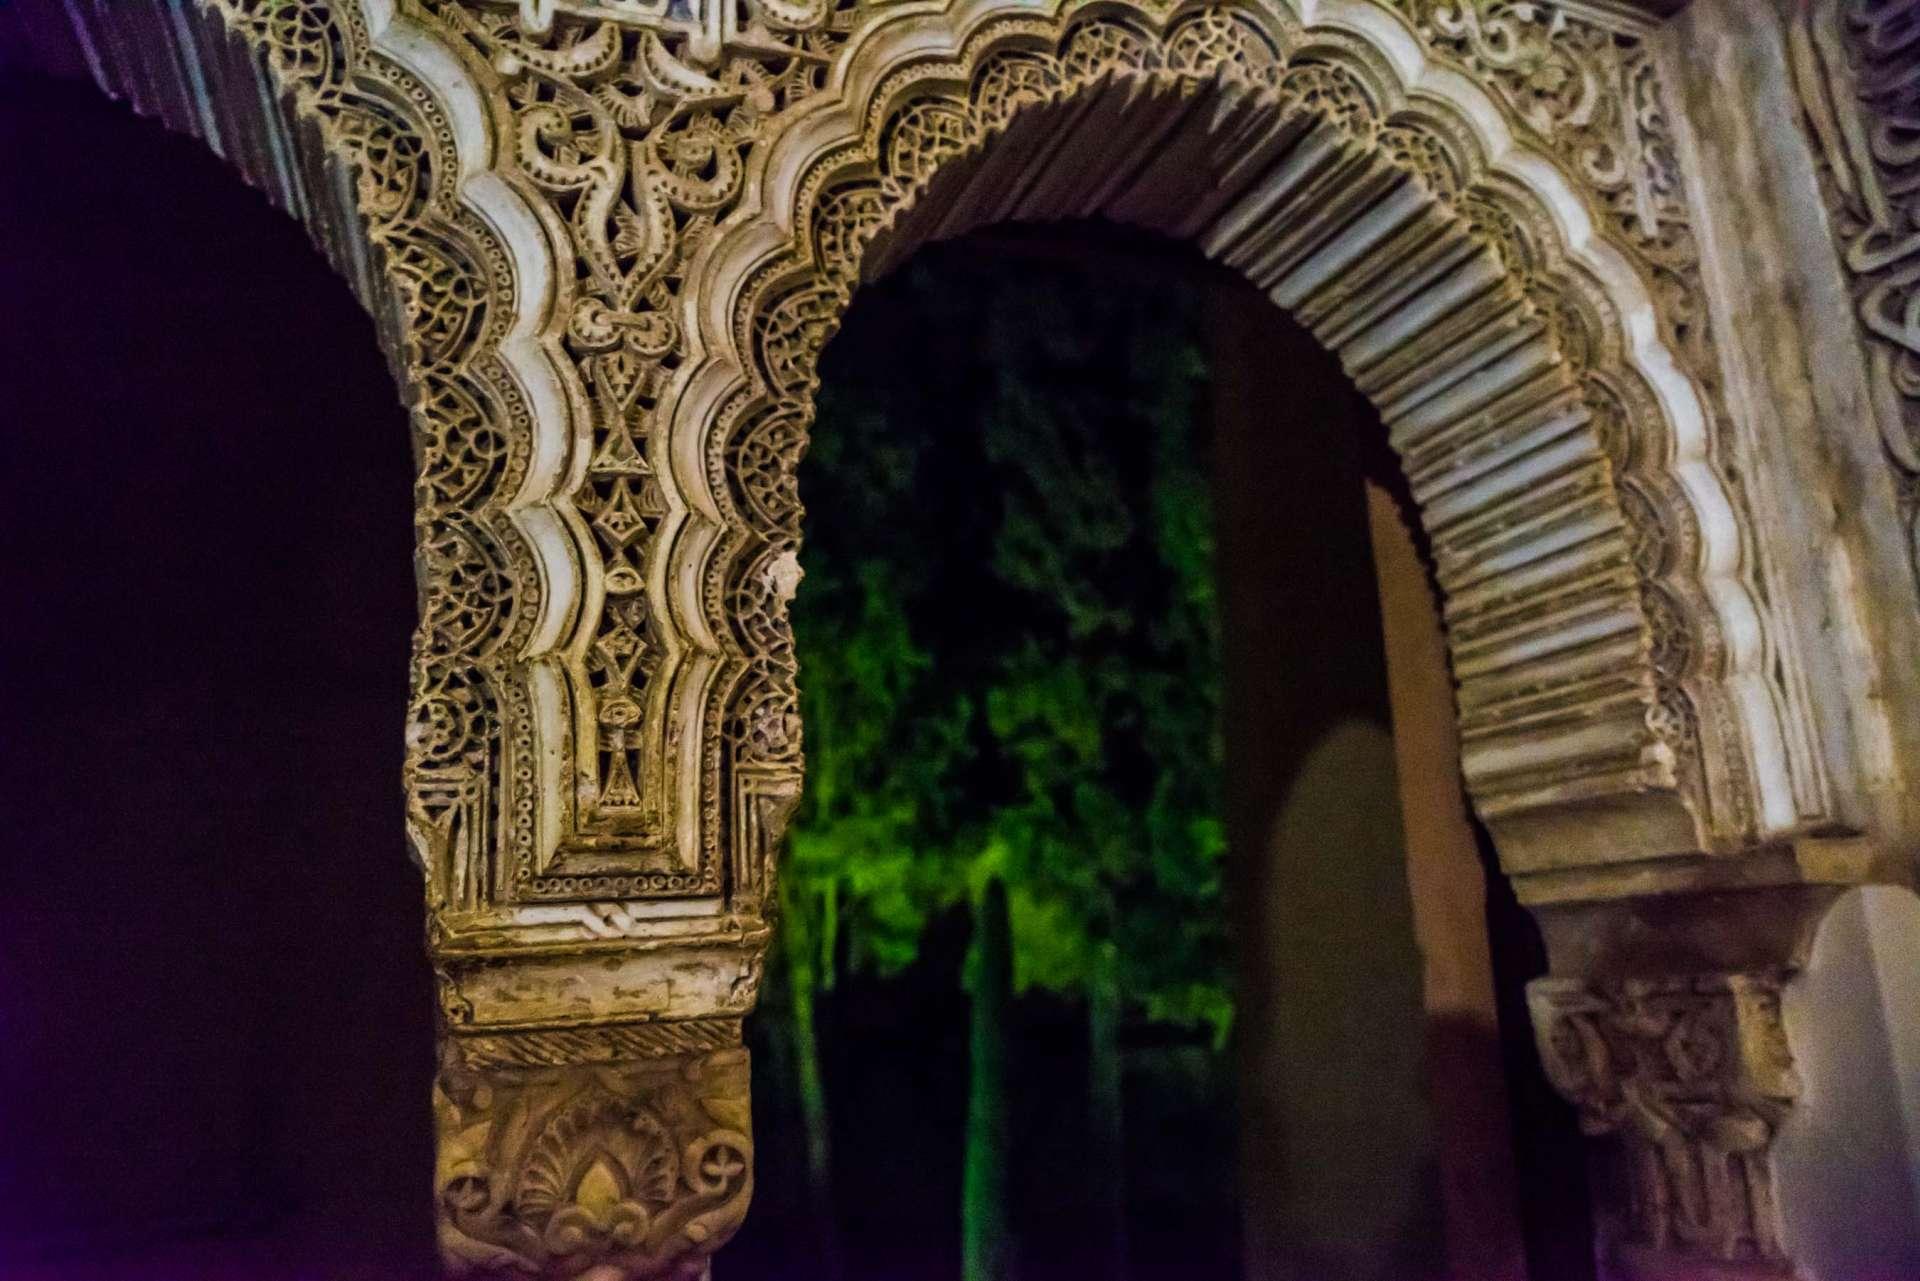 Granada Alhambra - by night details 4